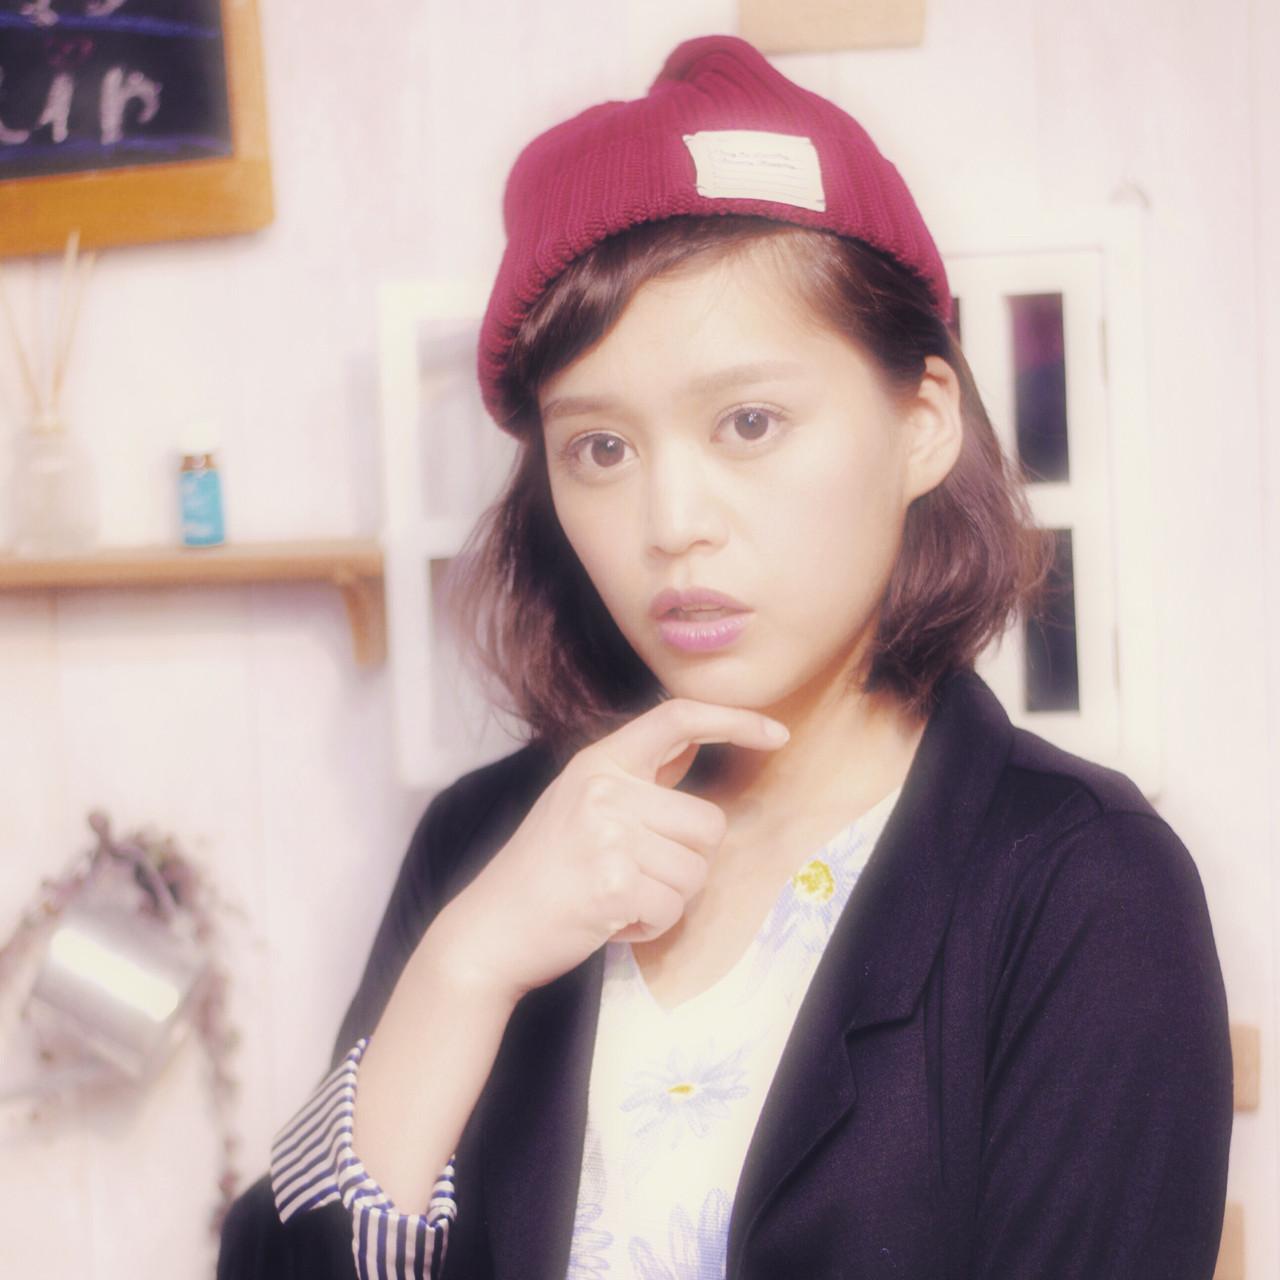 「+1アイテム」で変わる自分。春のニット帽かぶり方講座、始まります。 鈴木☆之武 / LAISSEZ 新松戸店